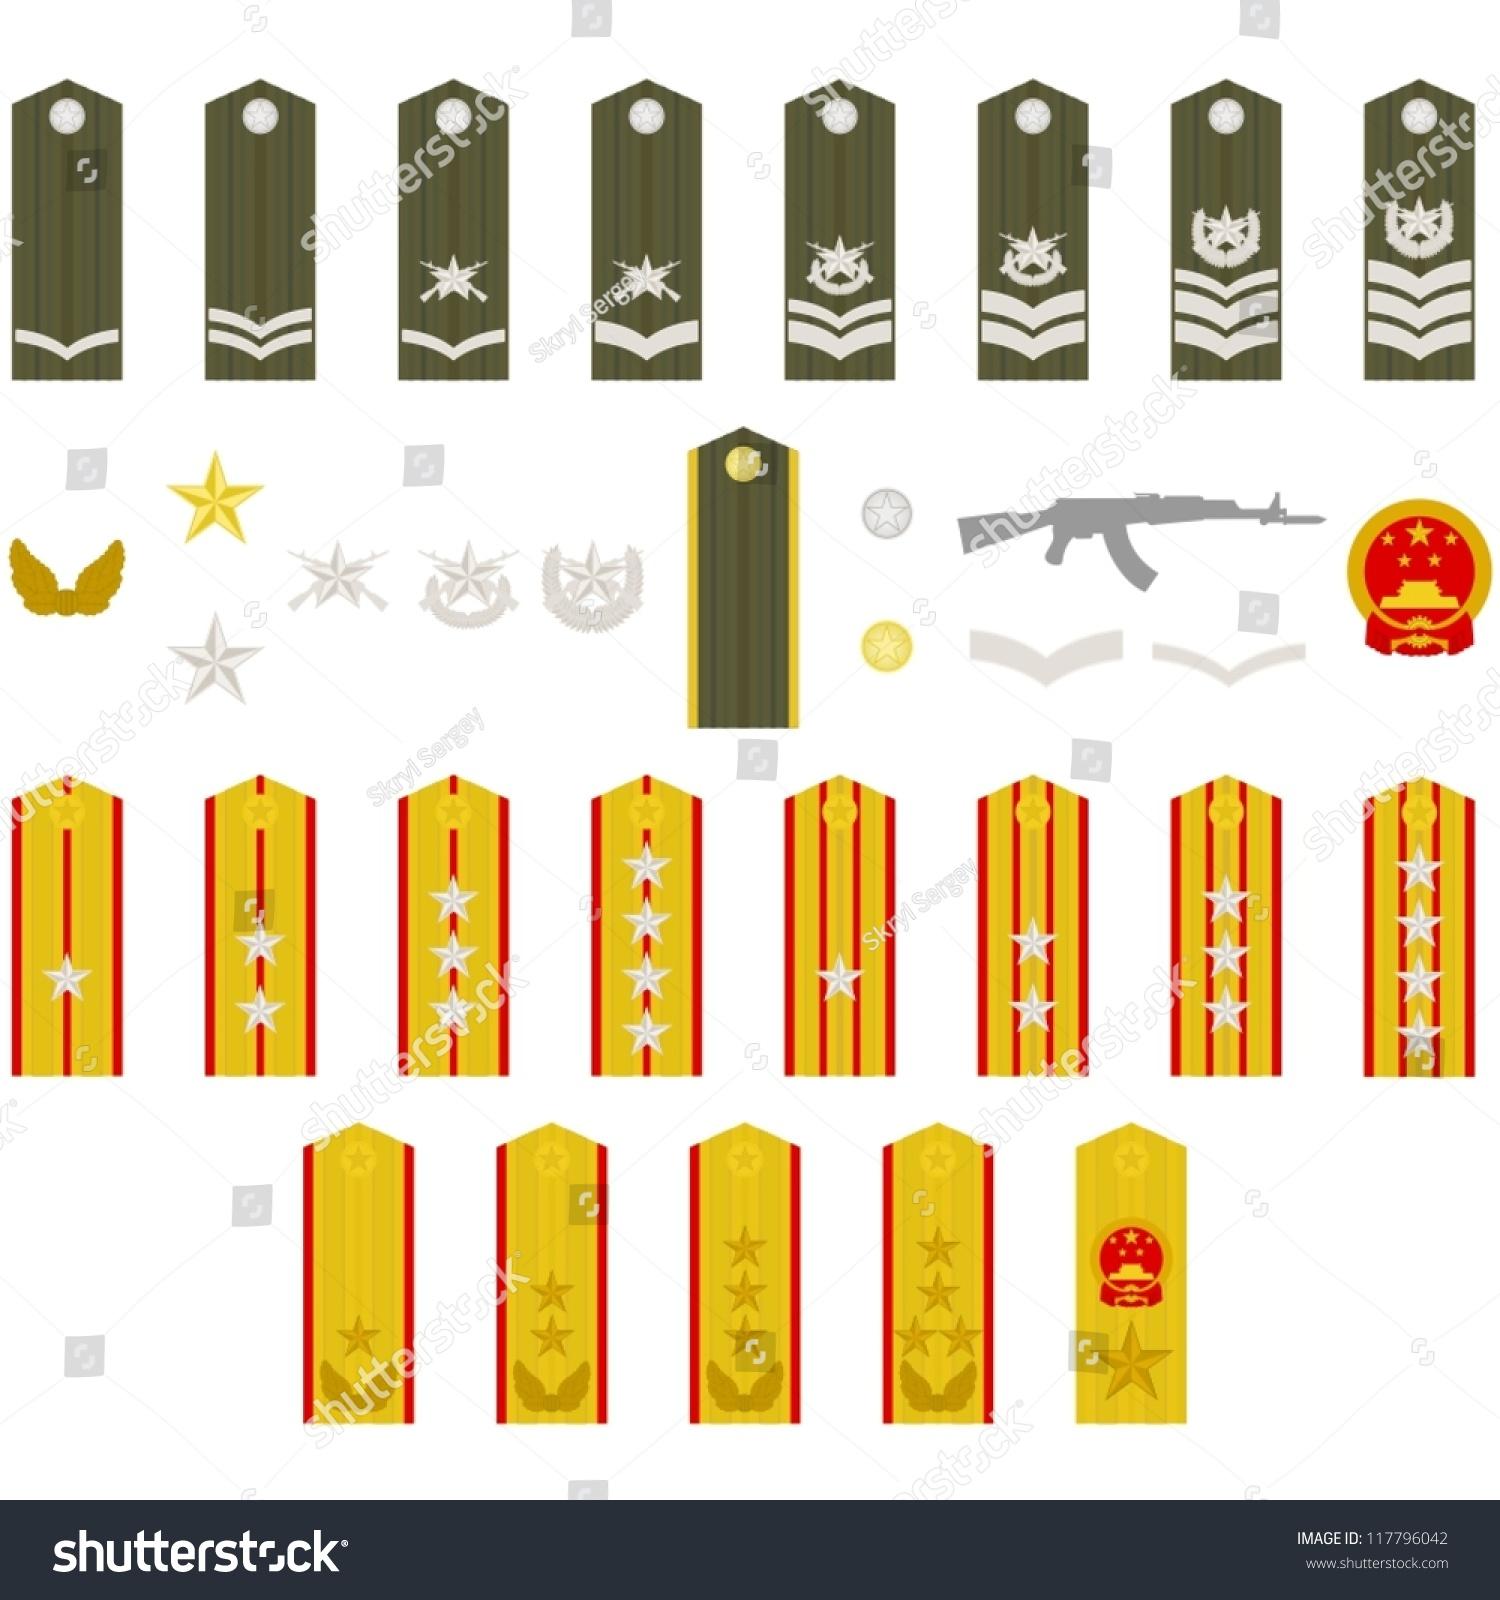 肩饰,军衔和徽章.白色背景图.-工业,符号/标志-海洛()